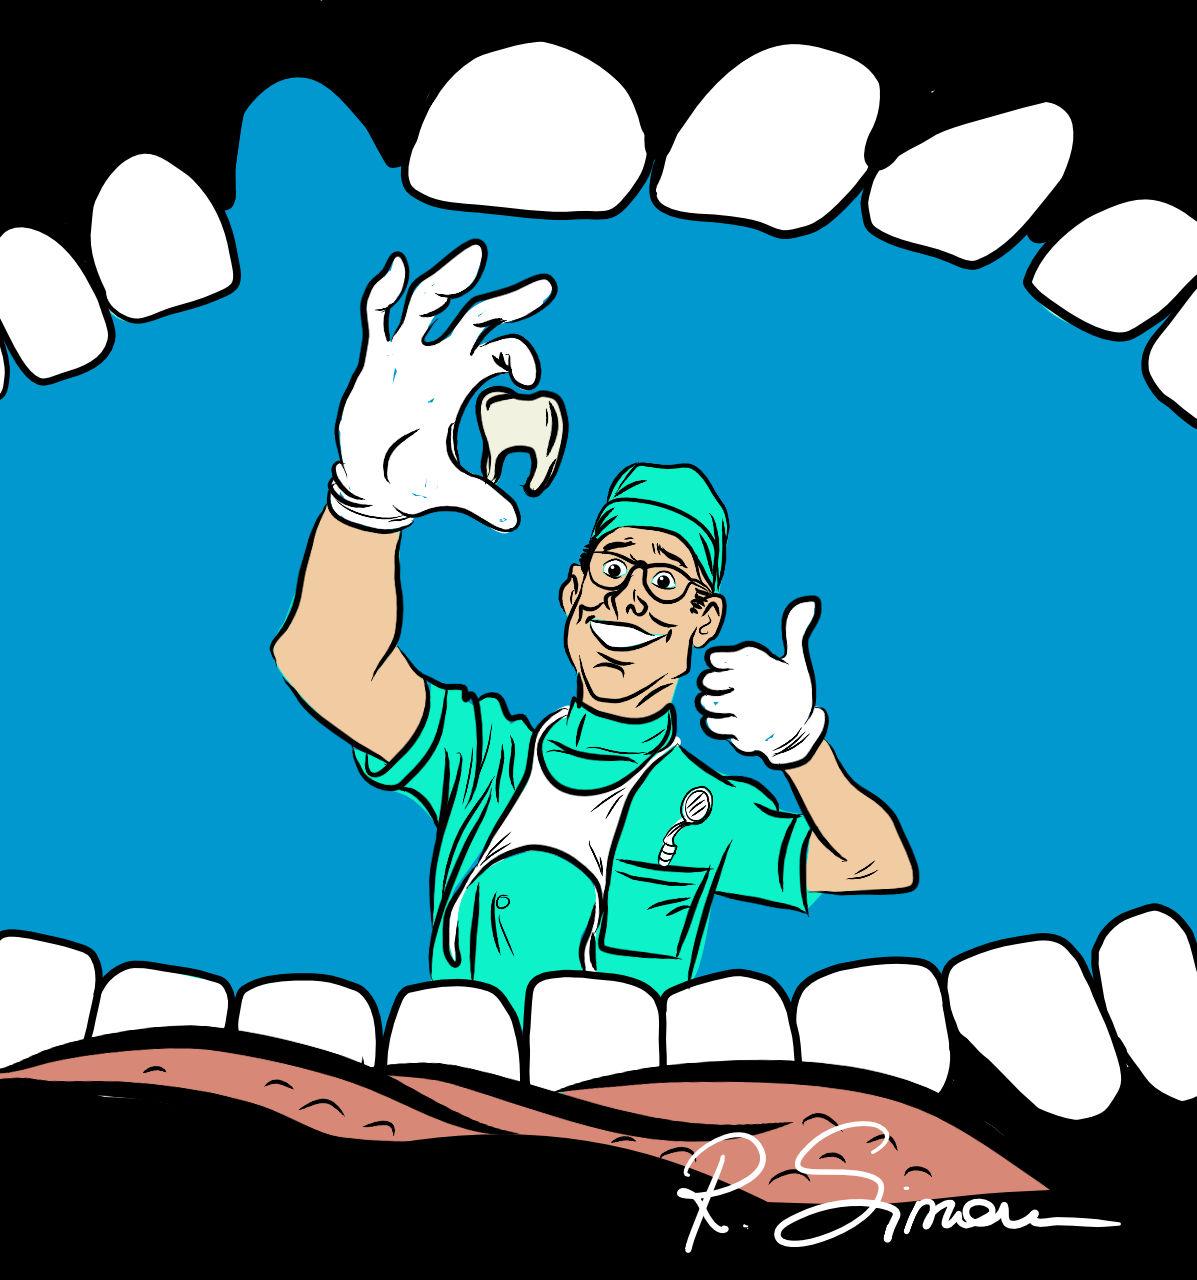 Zahnarzt by Raphaela Simon